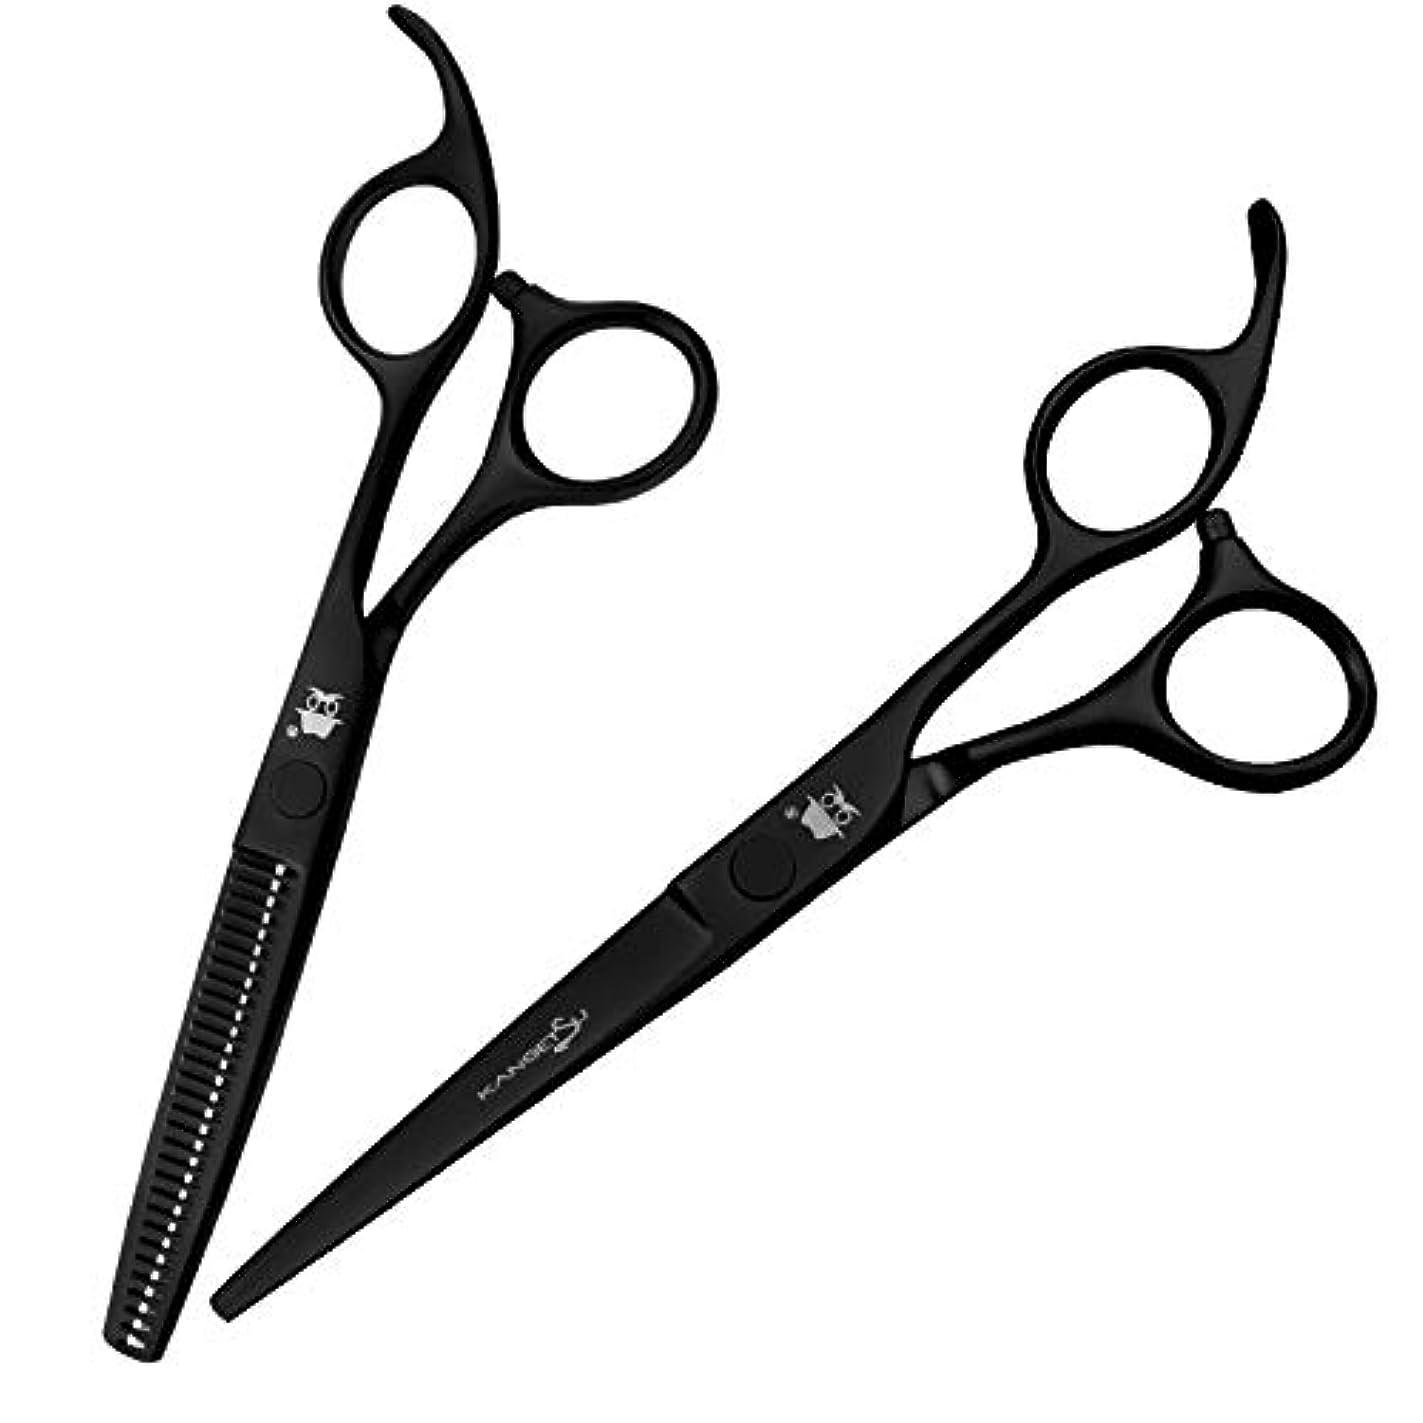 代わりにを立てる時系列古風なシザー カットシザー ヘアカットはさみ、間伐はさみキット、サロンに最適なプロの理髪師用はさみ、理髪店、および髪愛好家 - 6.0